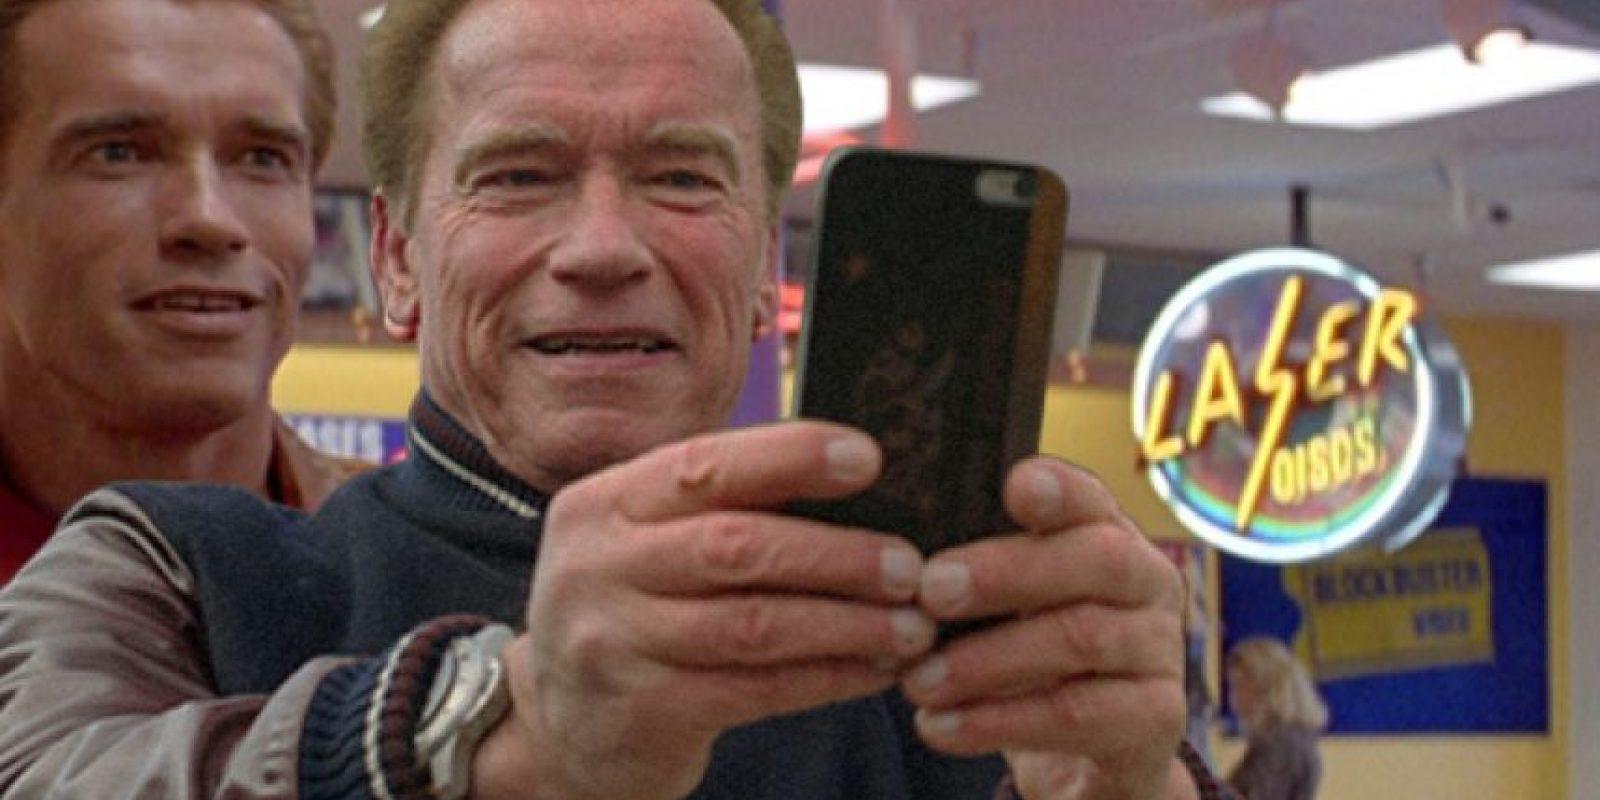 Los memes que generó la selfie de Arnold Schwarzenegger en Escocia Foto:Imgur / Reddit